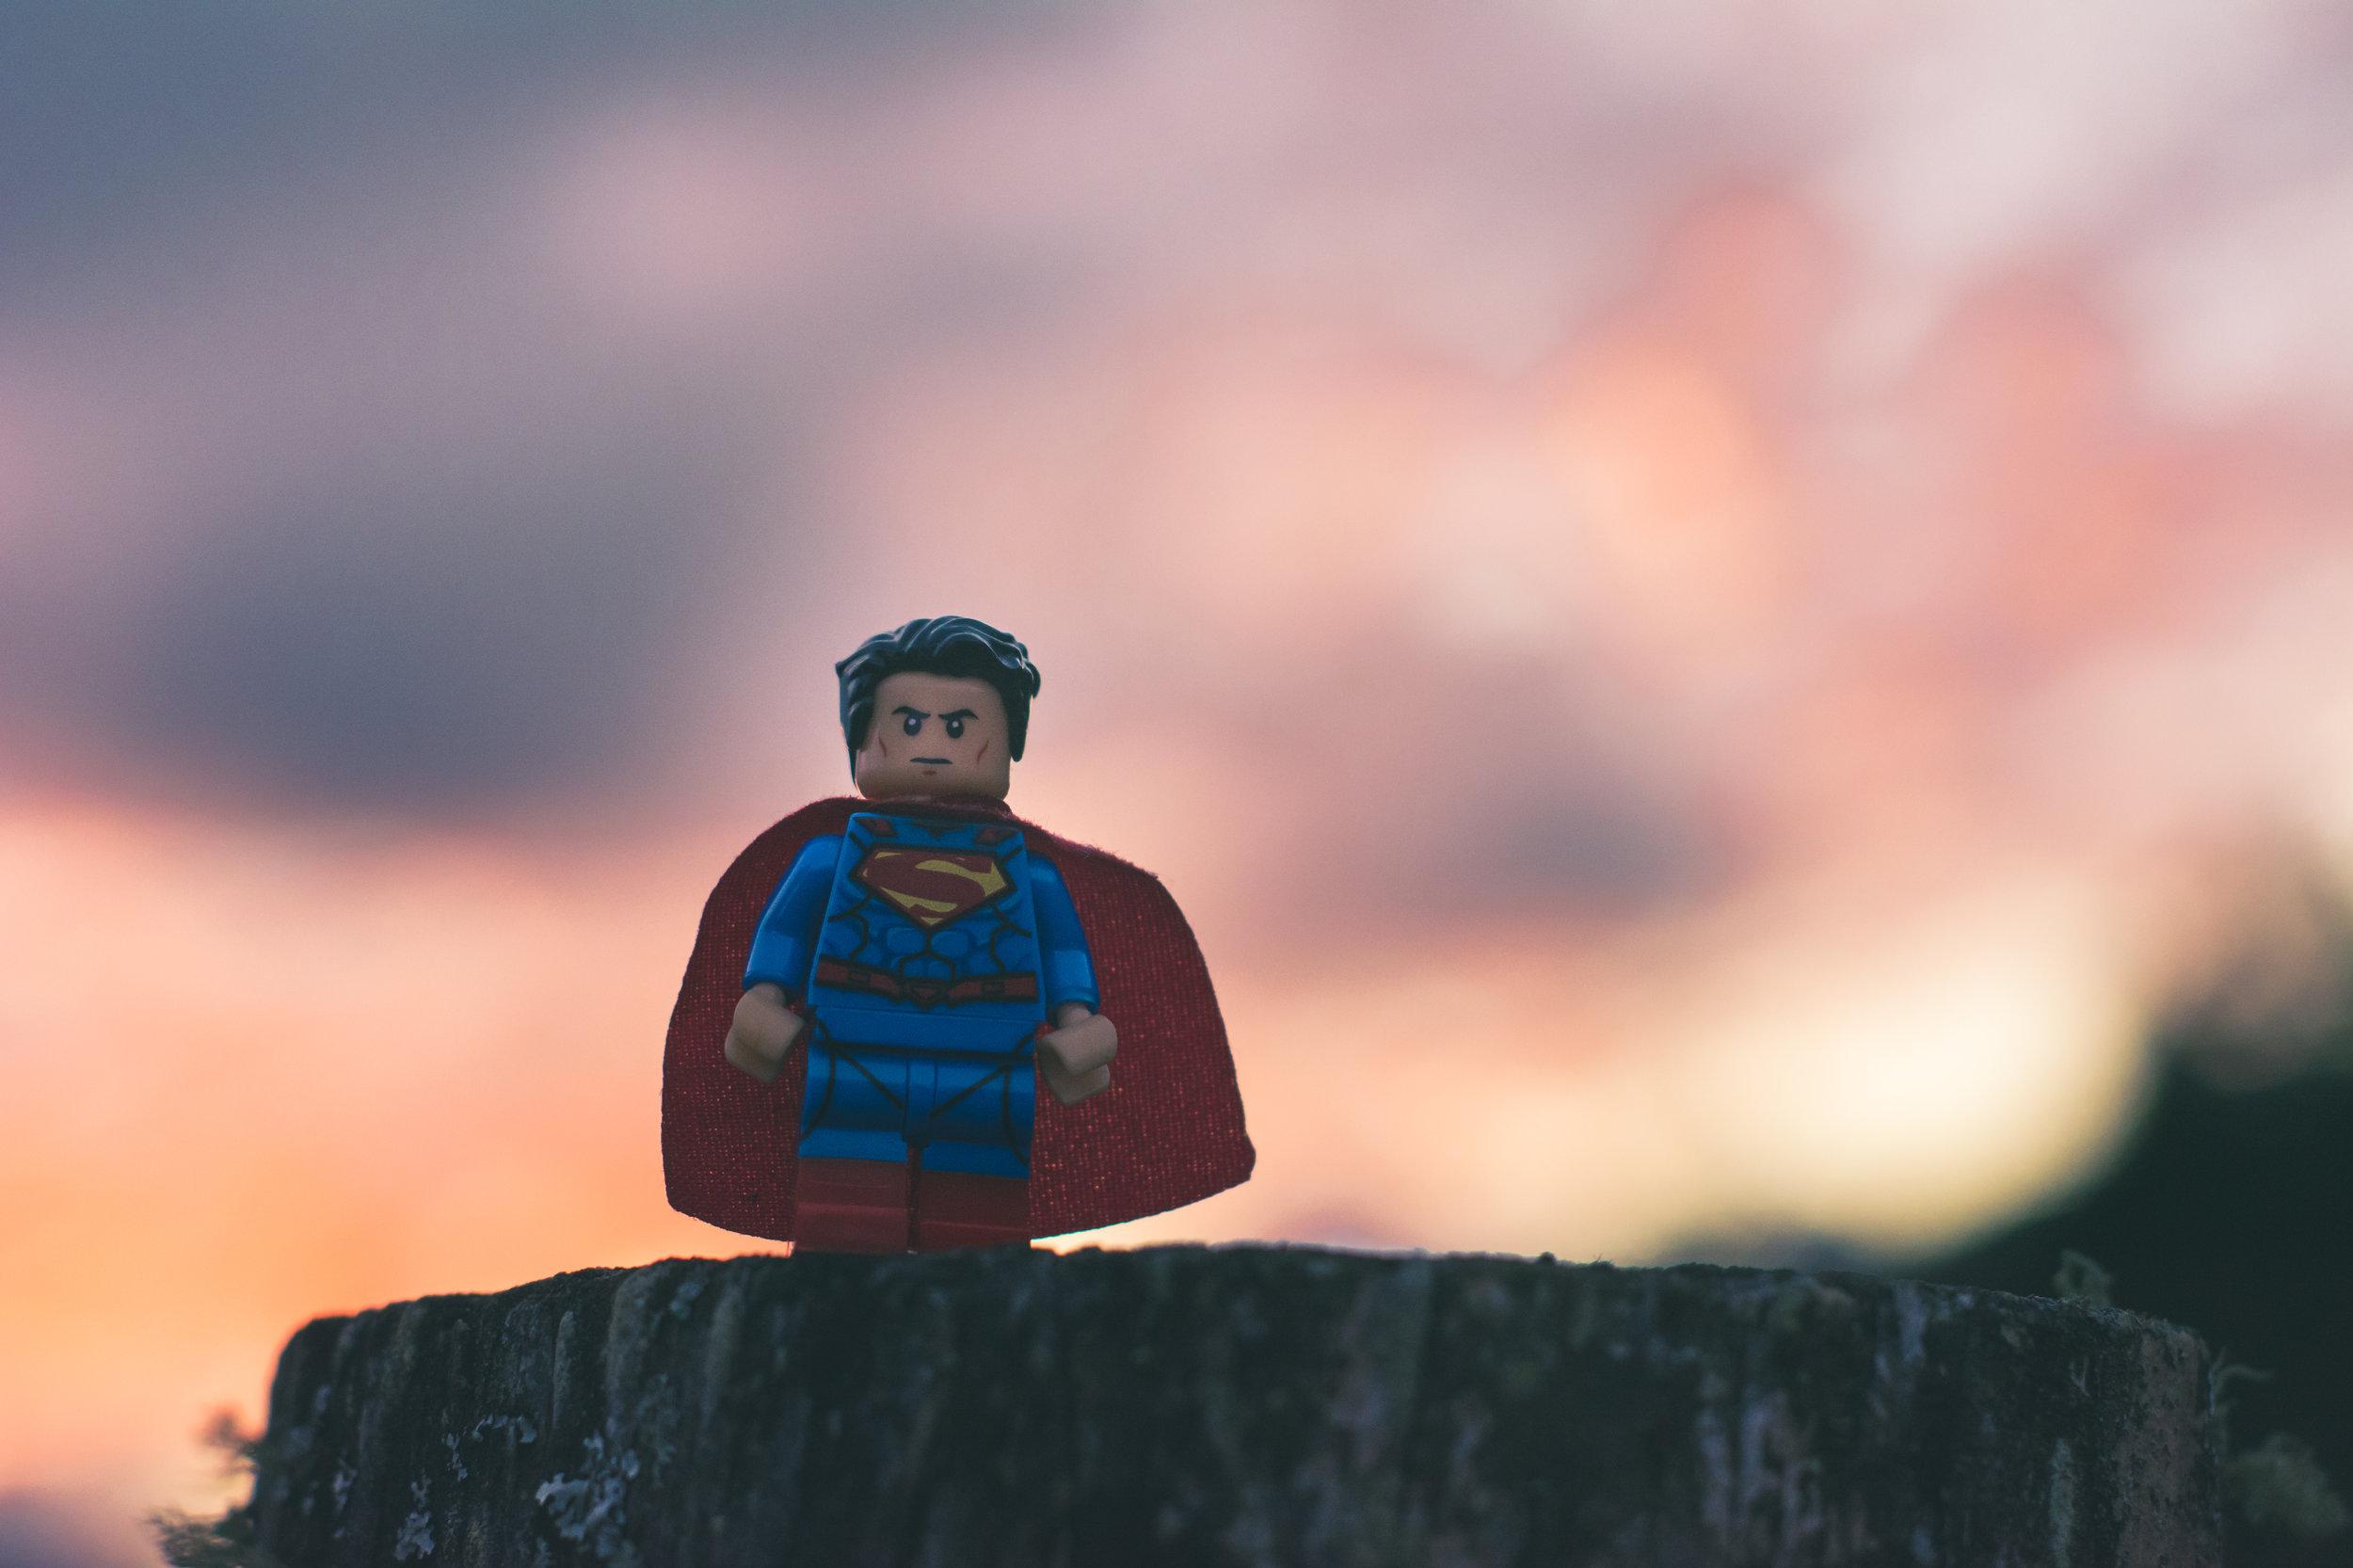 HEROS (From ordinary to extraordinary)